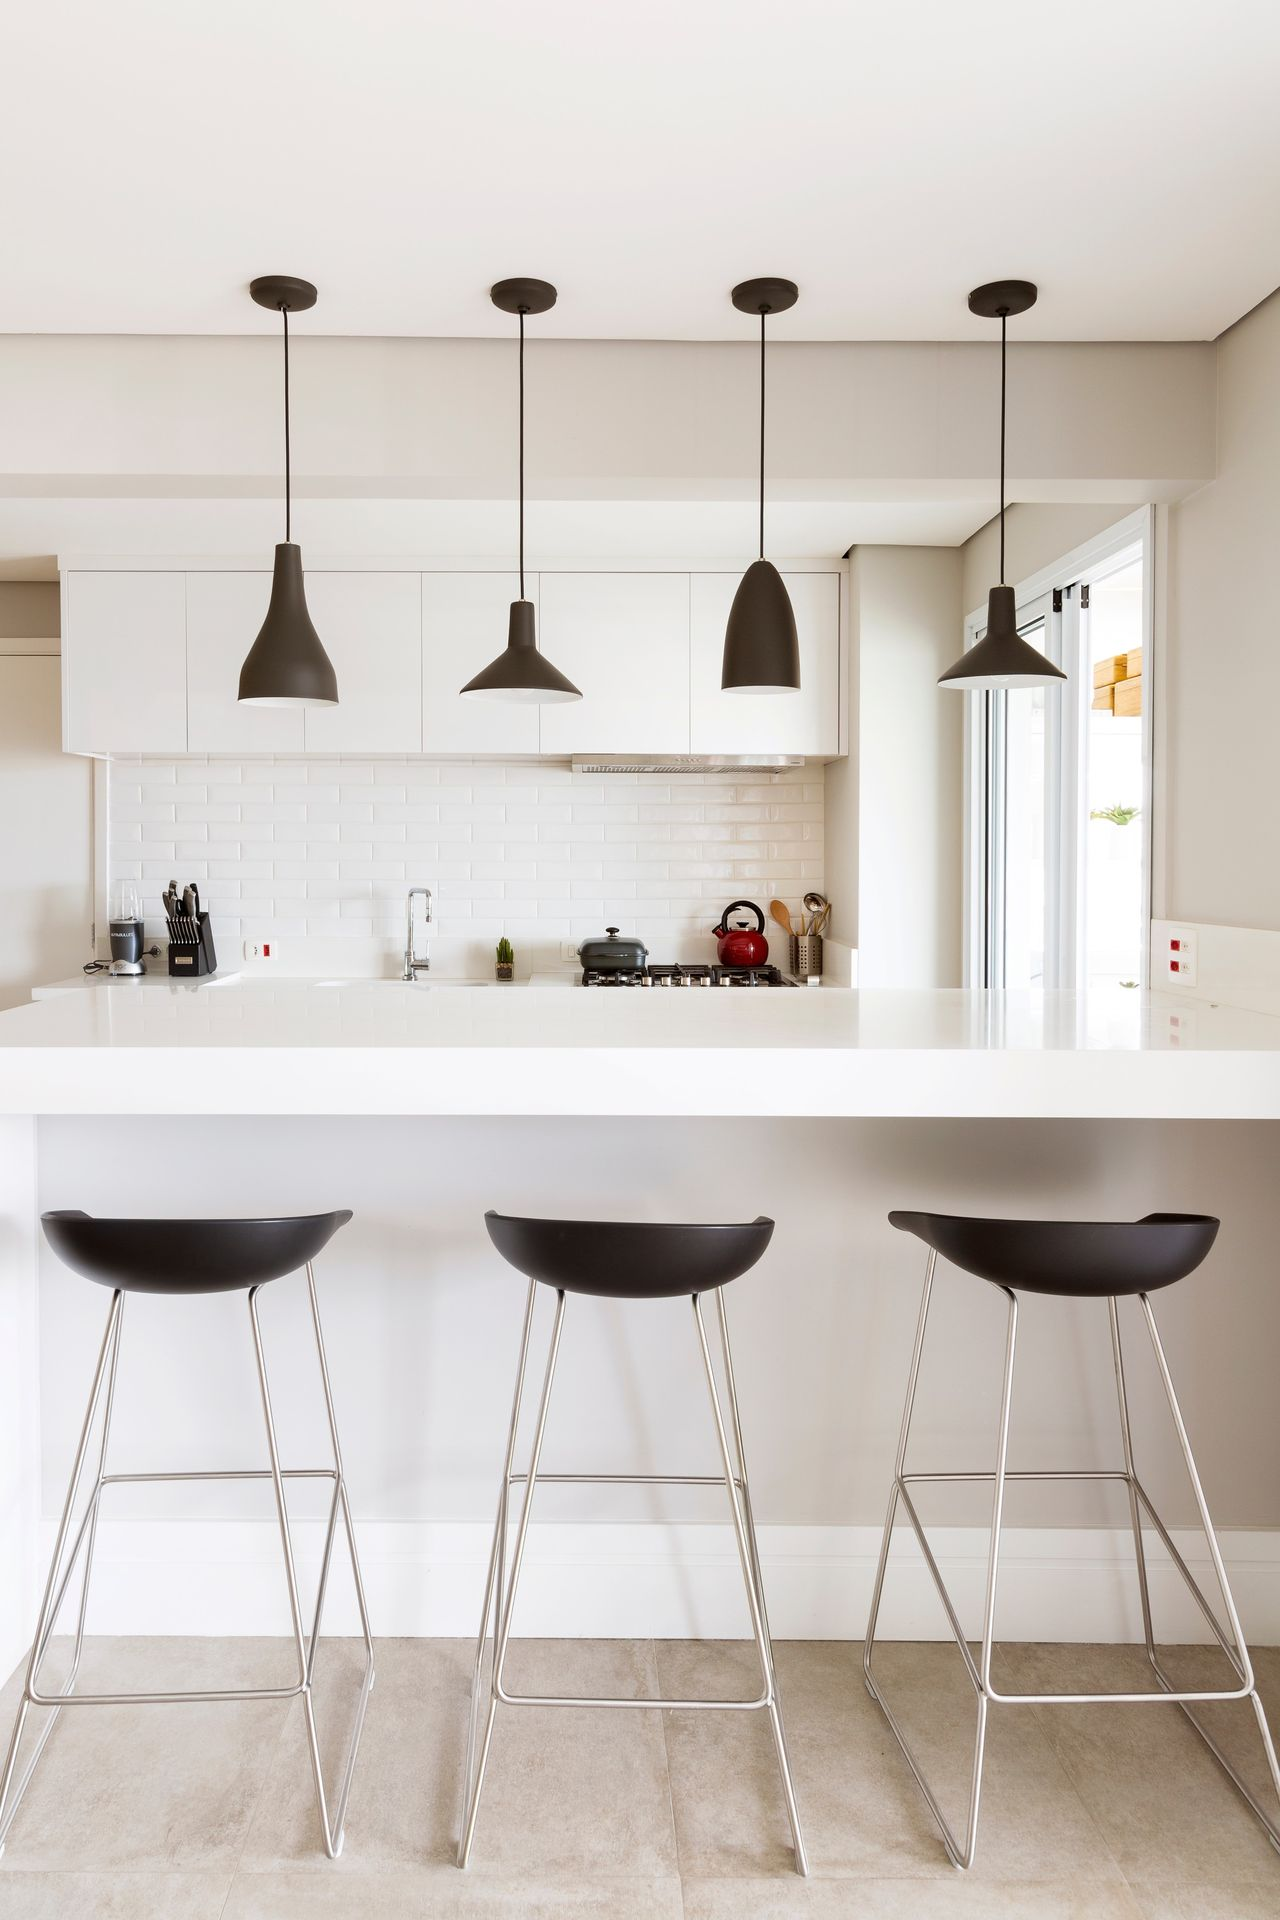 banquetas para cozinha gf projetos-151087